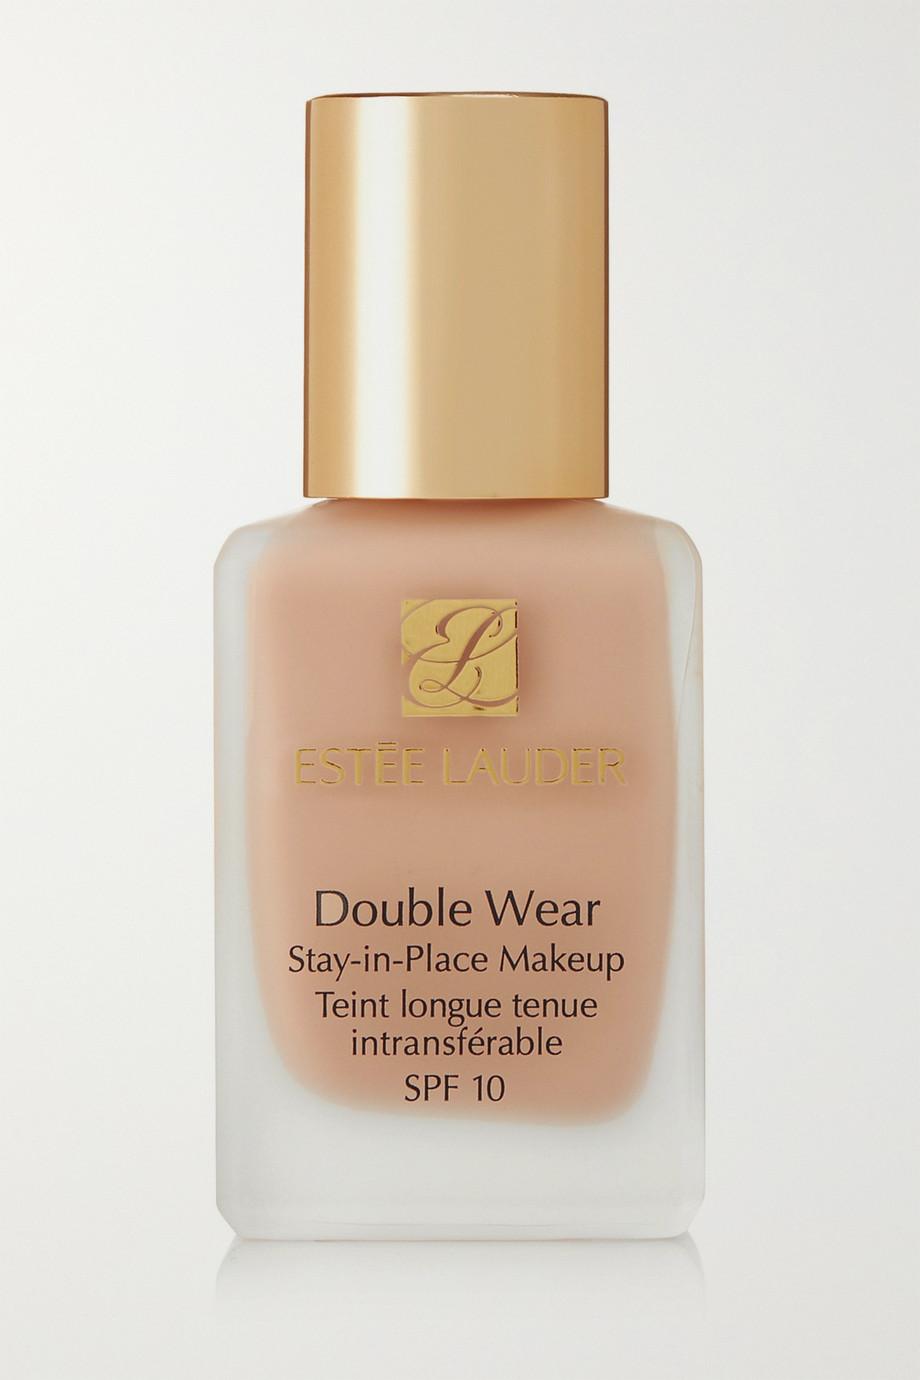 Estée Lauder Double Wear Stay-in-Place Makeup - Pale Almond 2C2